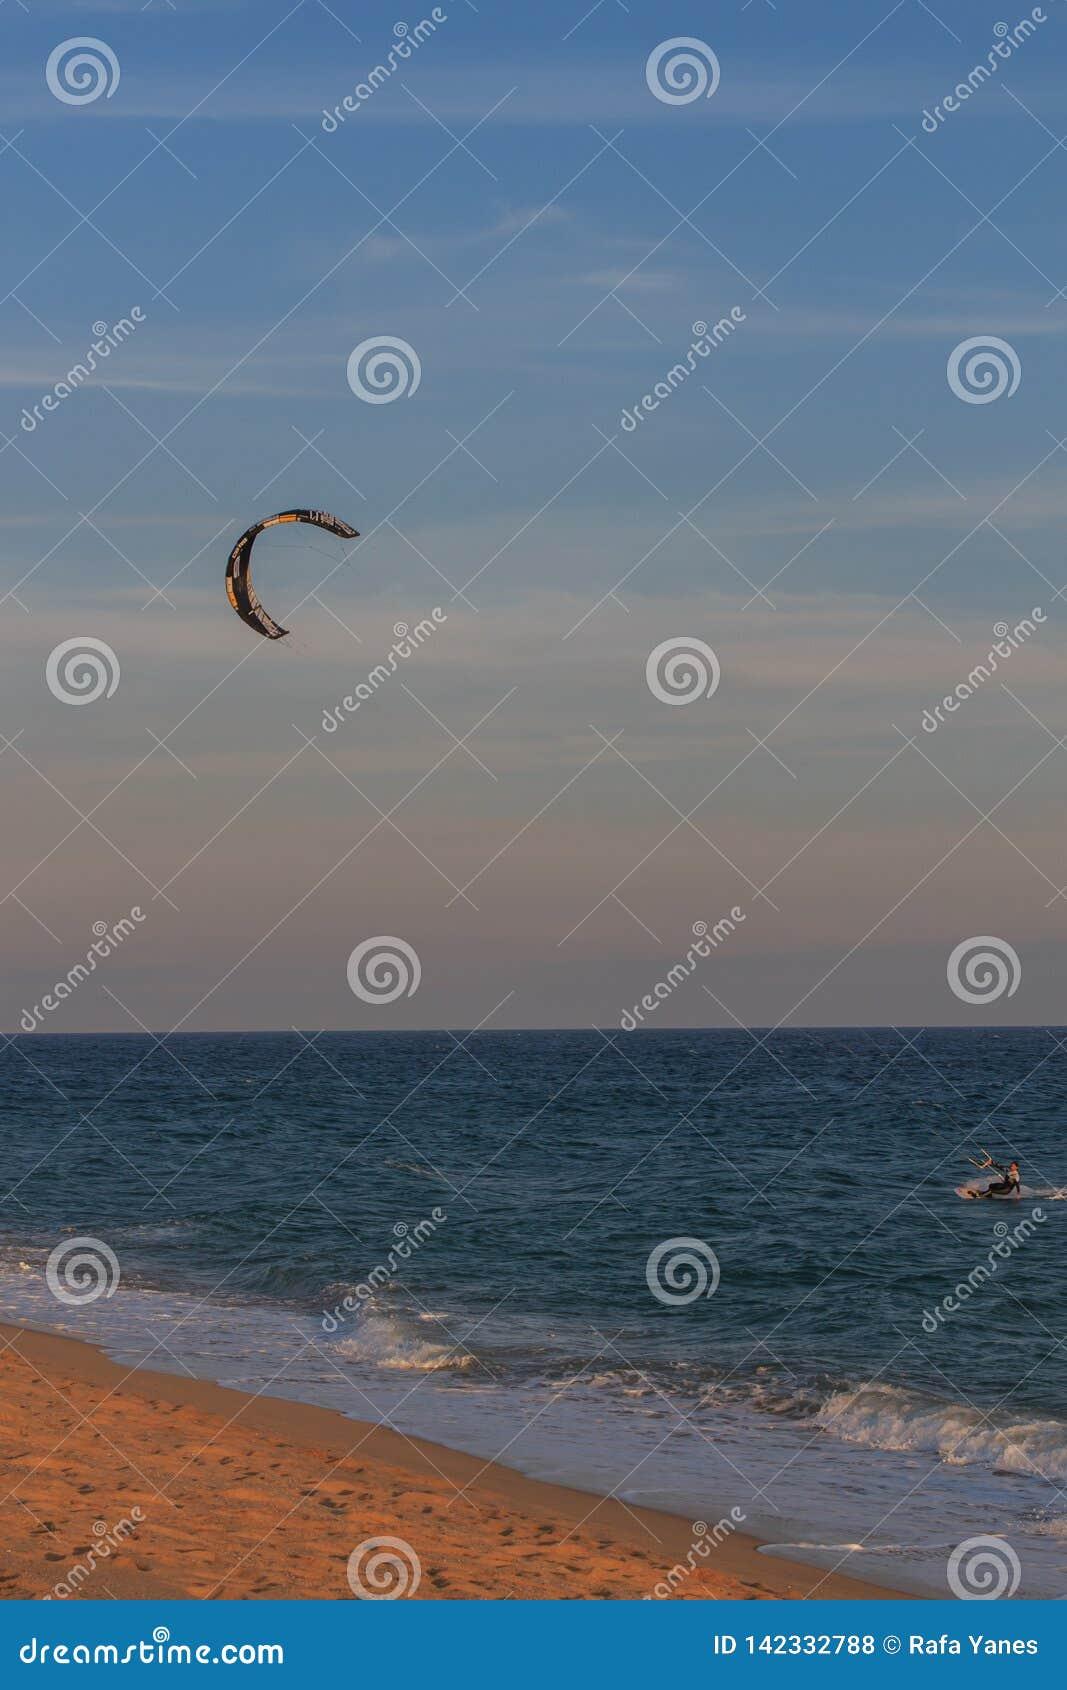 卡夫雷拉德马尔,巴塞罗那/西班牙;02 08 2019年:实践的午安在卡布瑞拉海滩的风帆冲浪和Kitesurfing Flysurf在